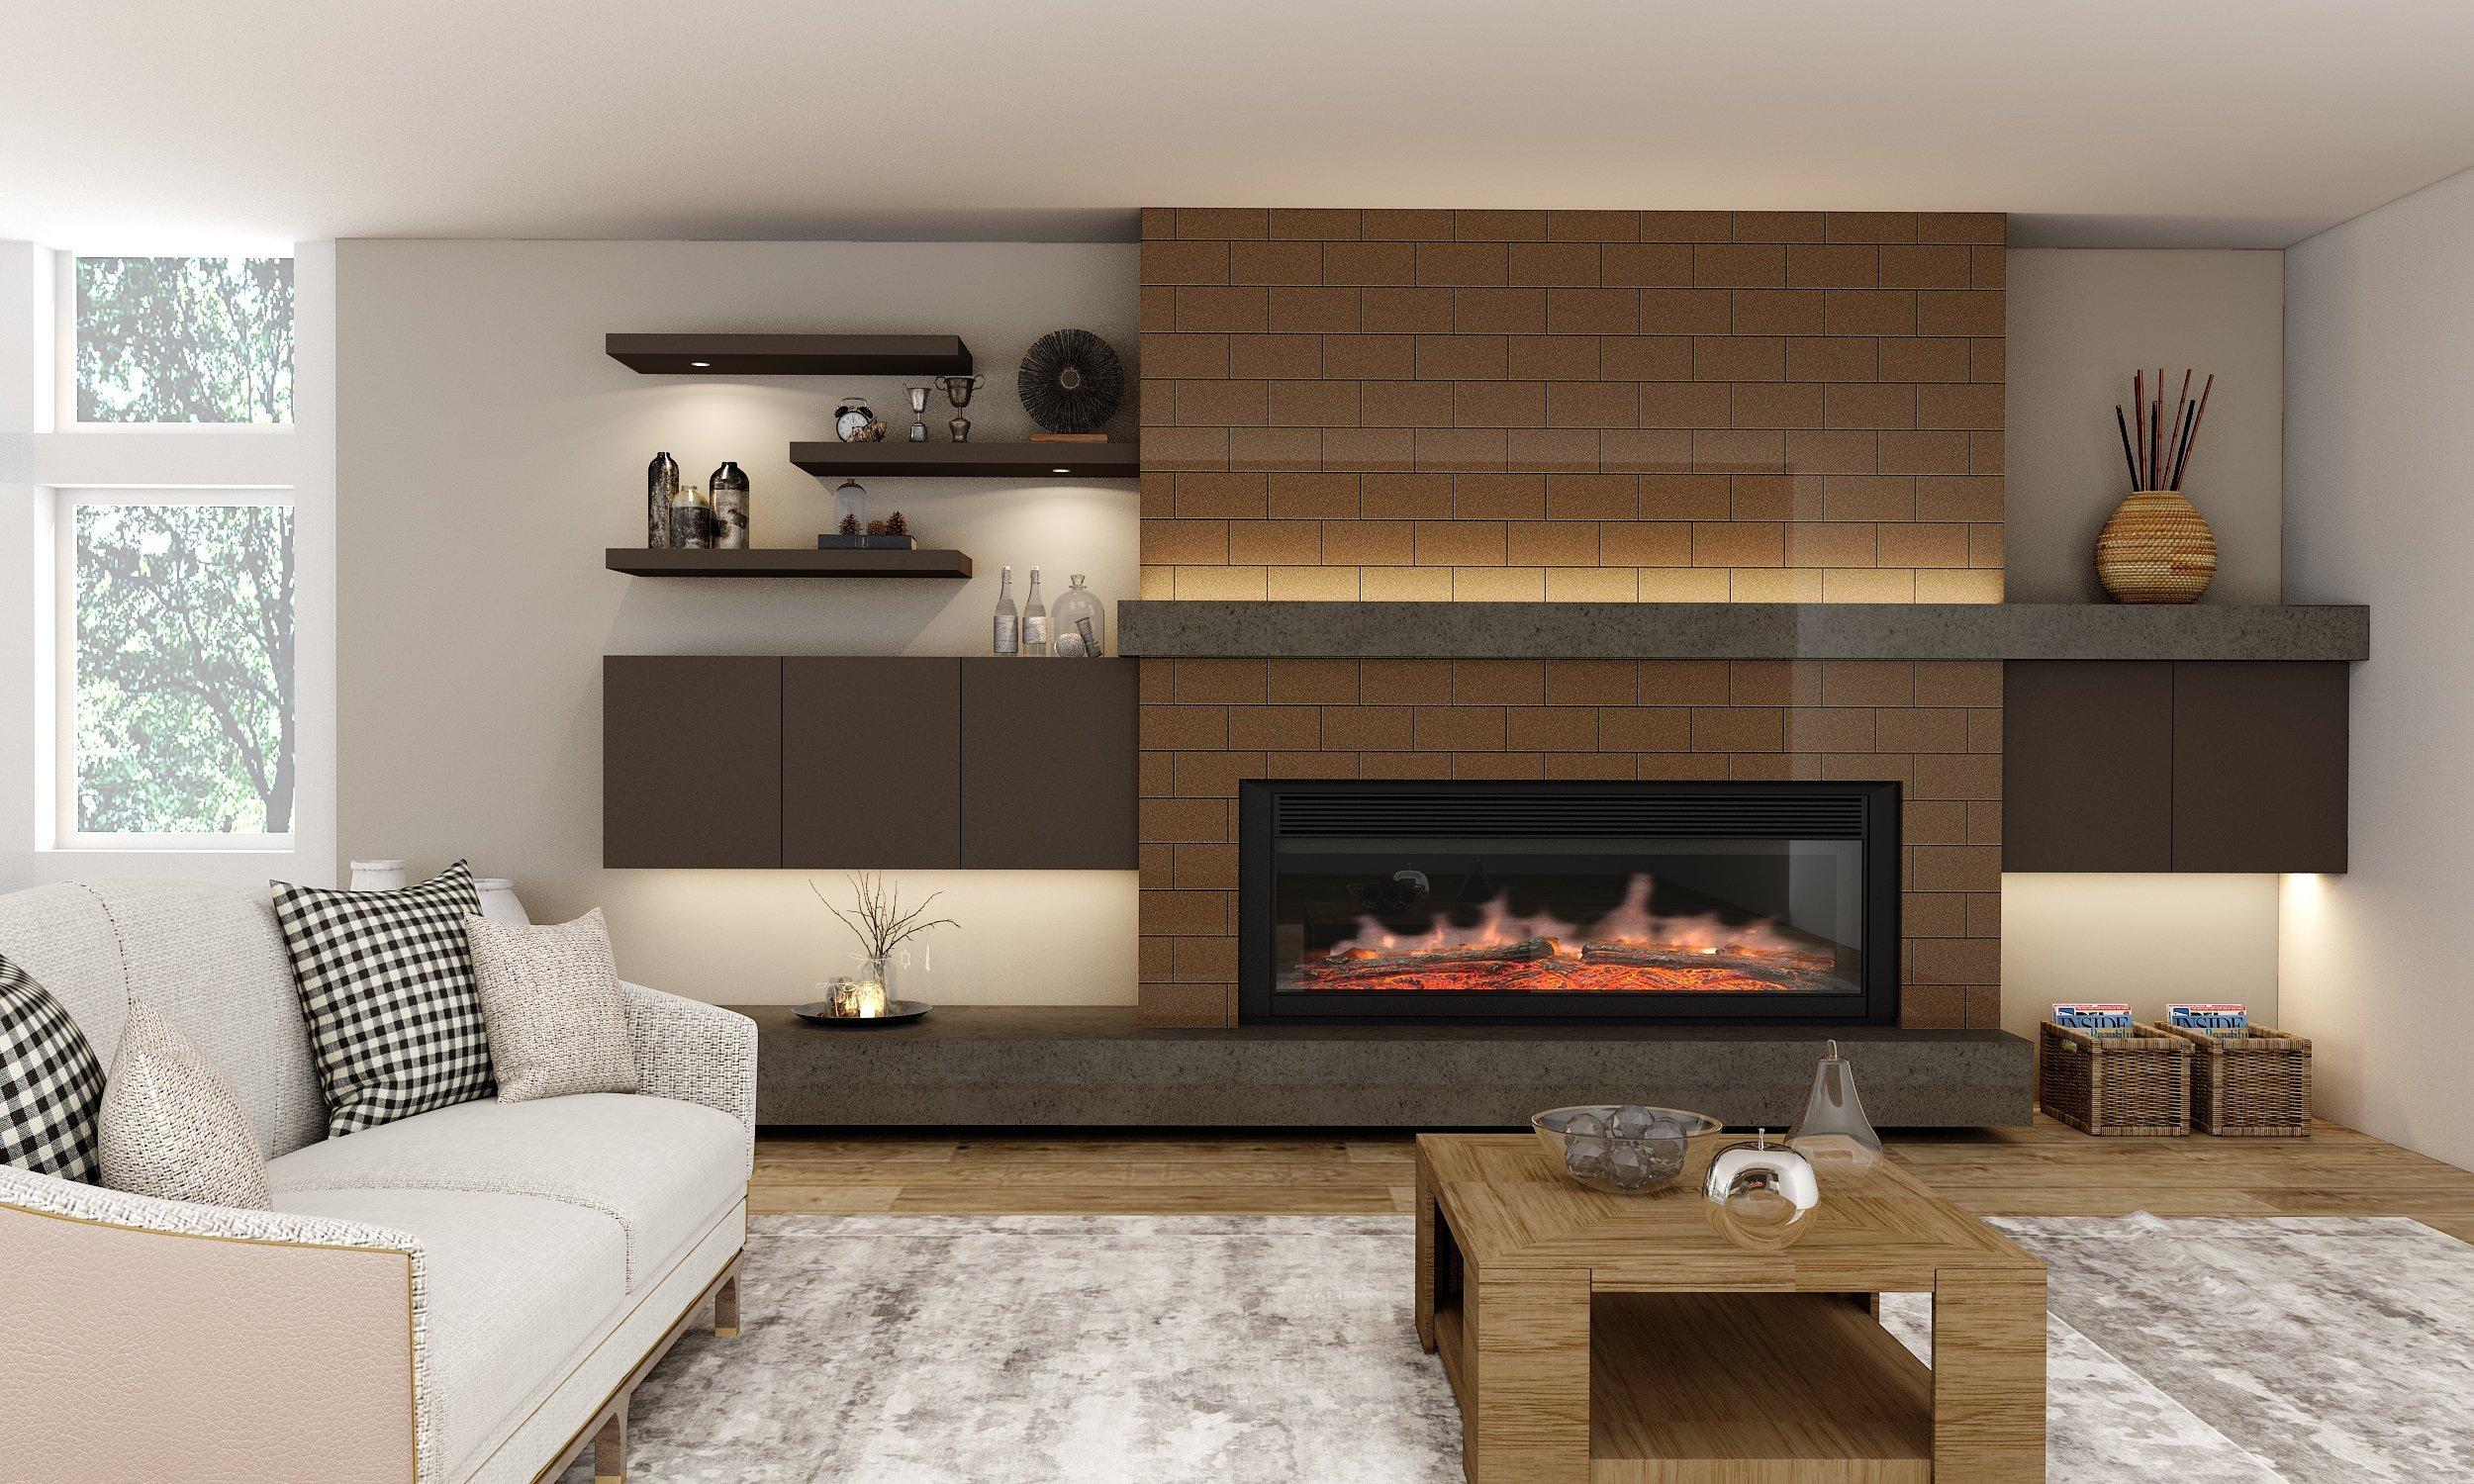 TV unit in matt cream and wood grain finish